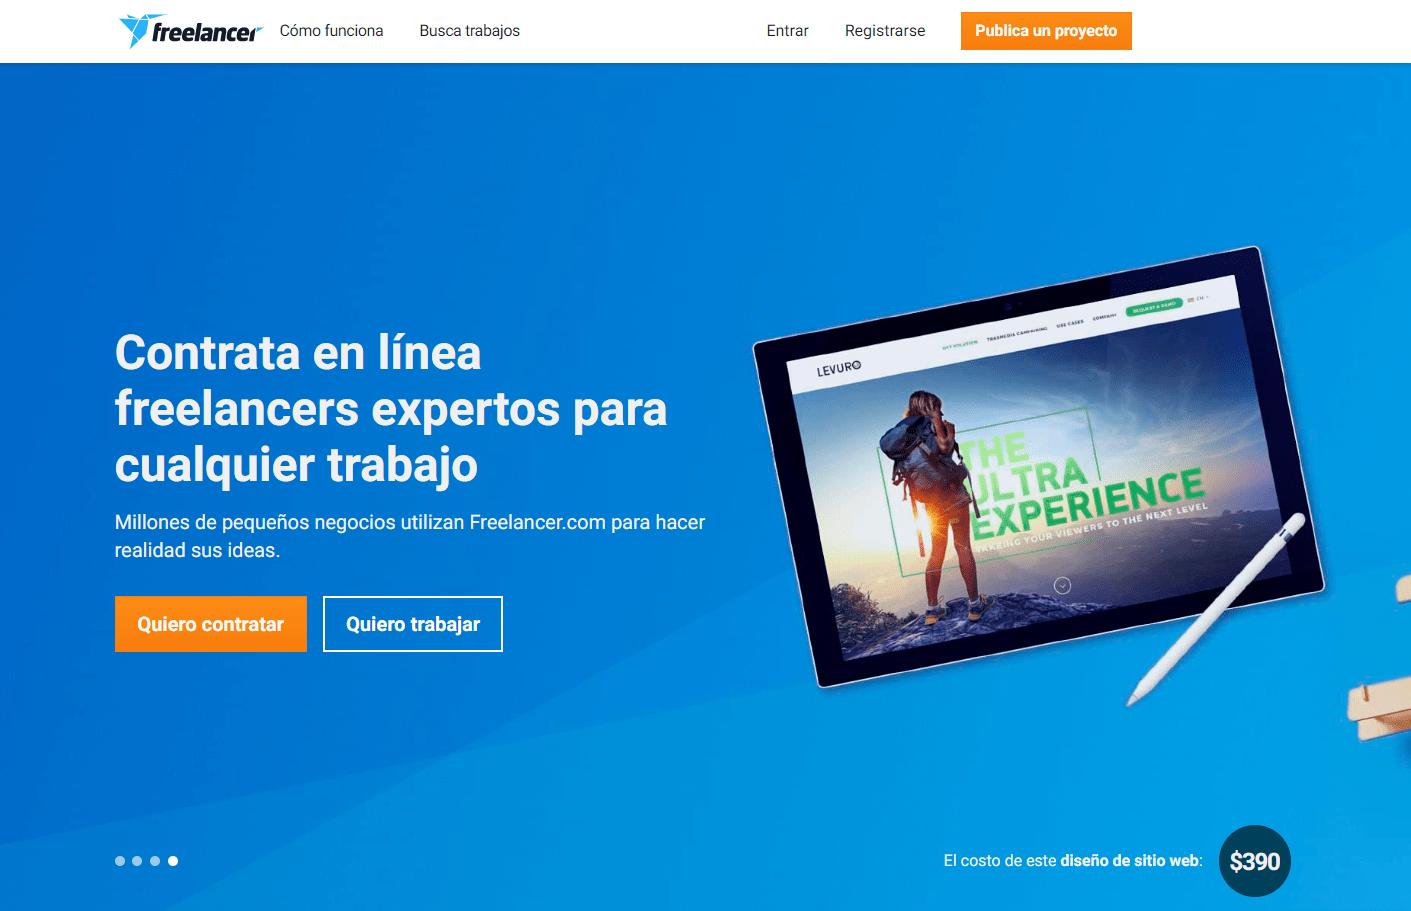 Freelancer.com